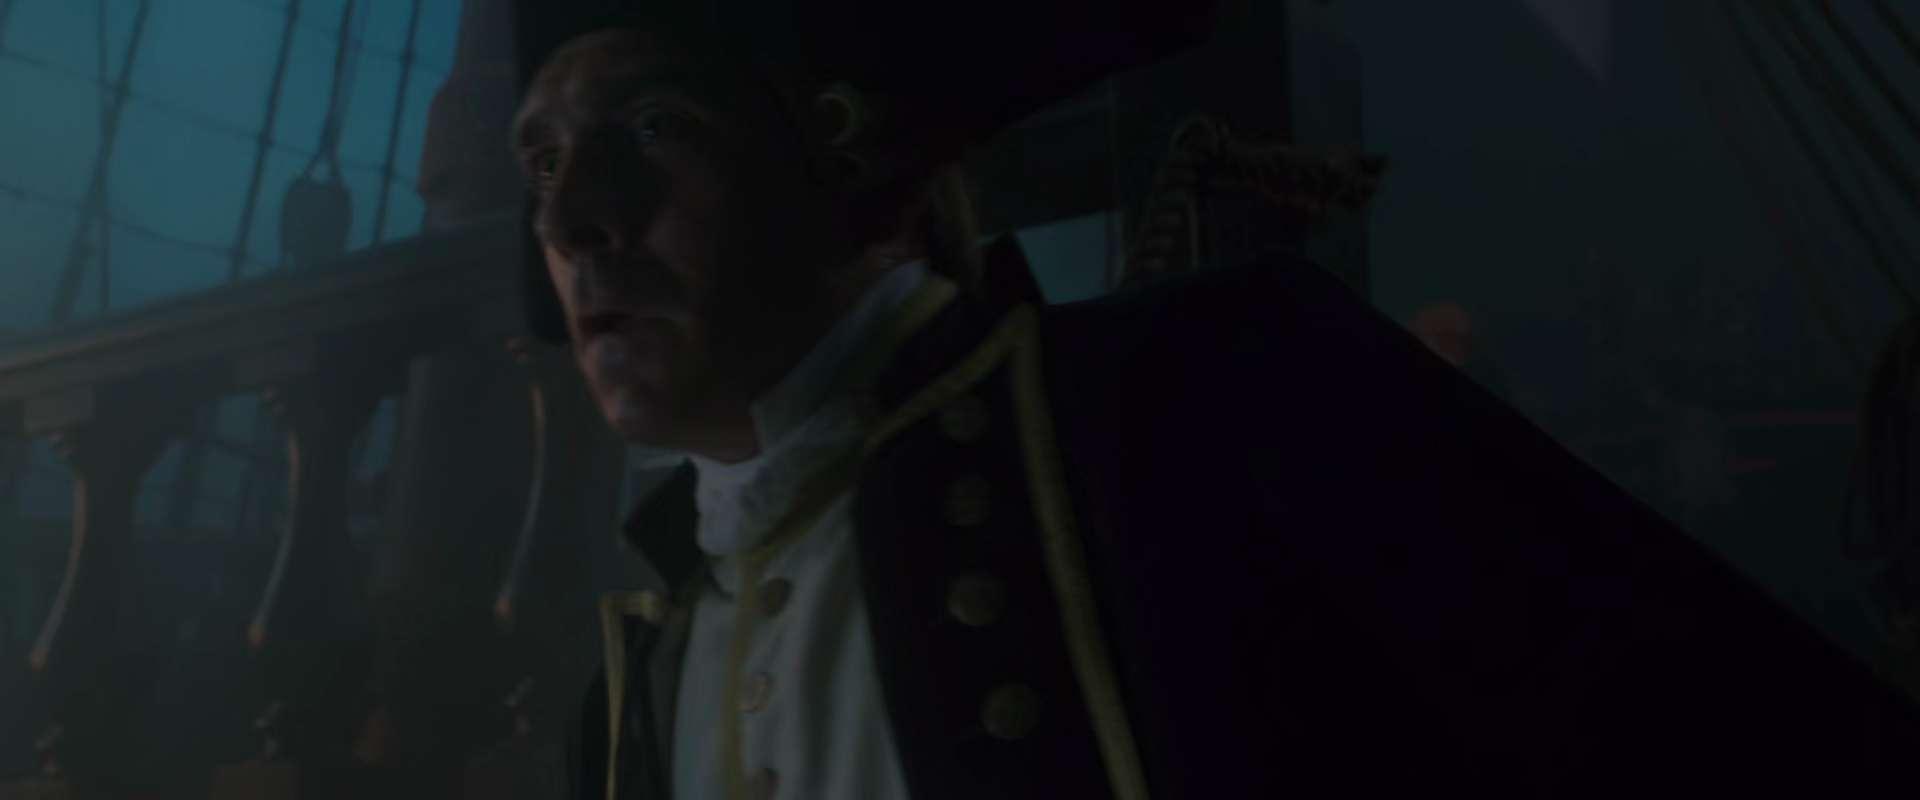 Pirates of the Caribbean Dead Men Tell No Tales 2017 1080p 10bit BluRay 5 1 x265 HEVC-MZABI